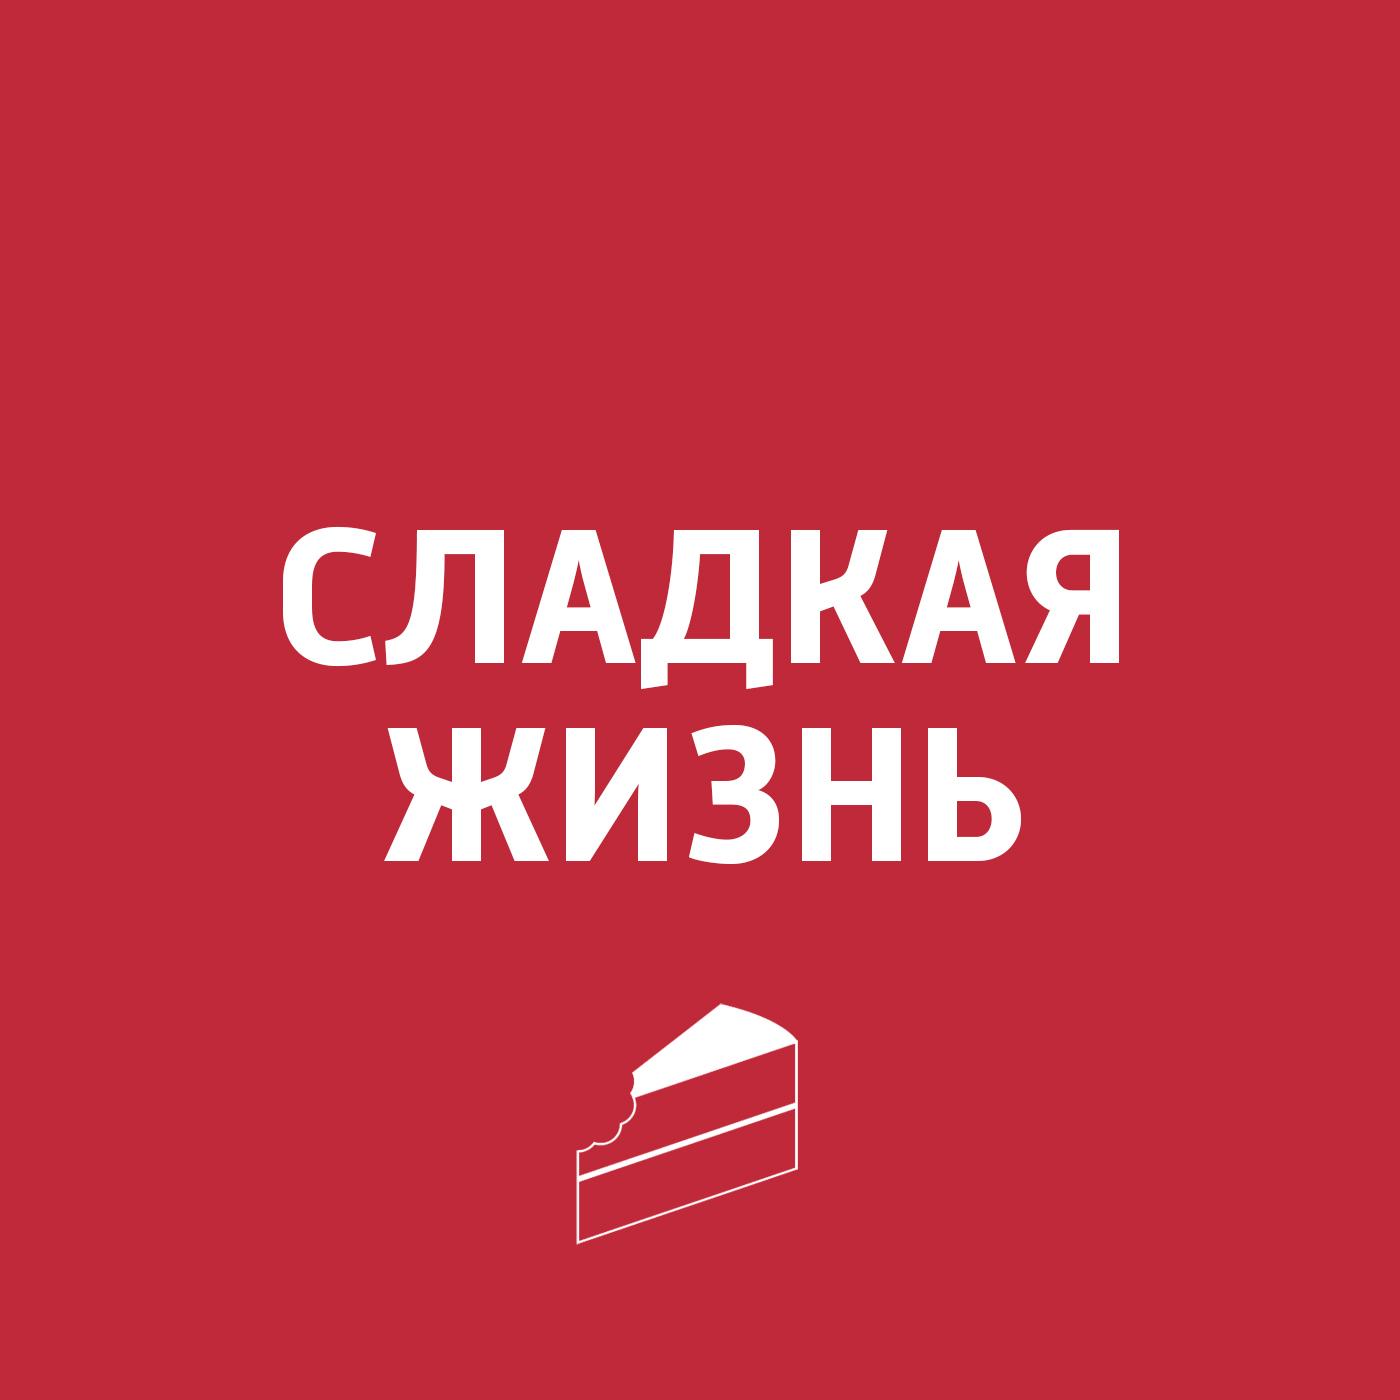 Картаев Павел История кекса картаев павел восточные сладости